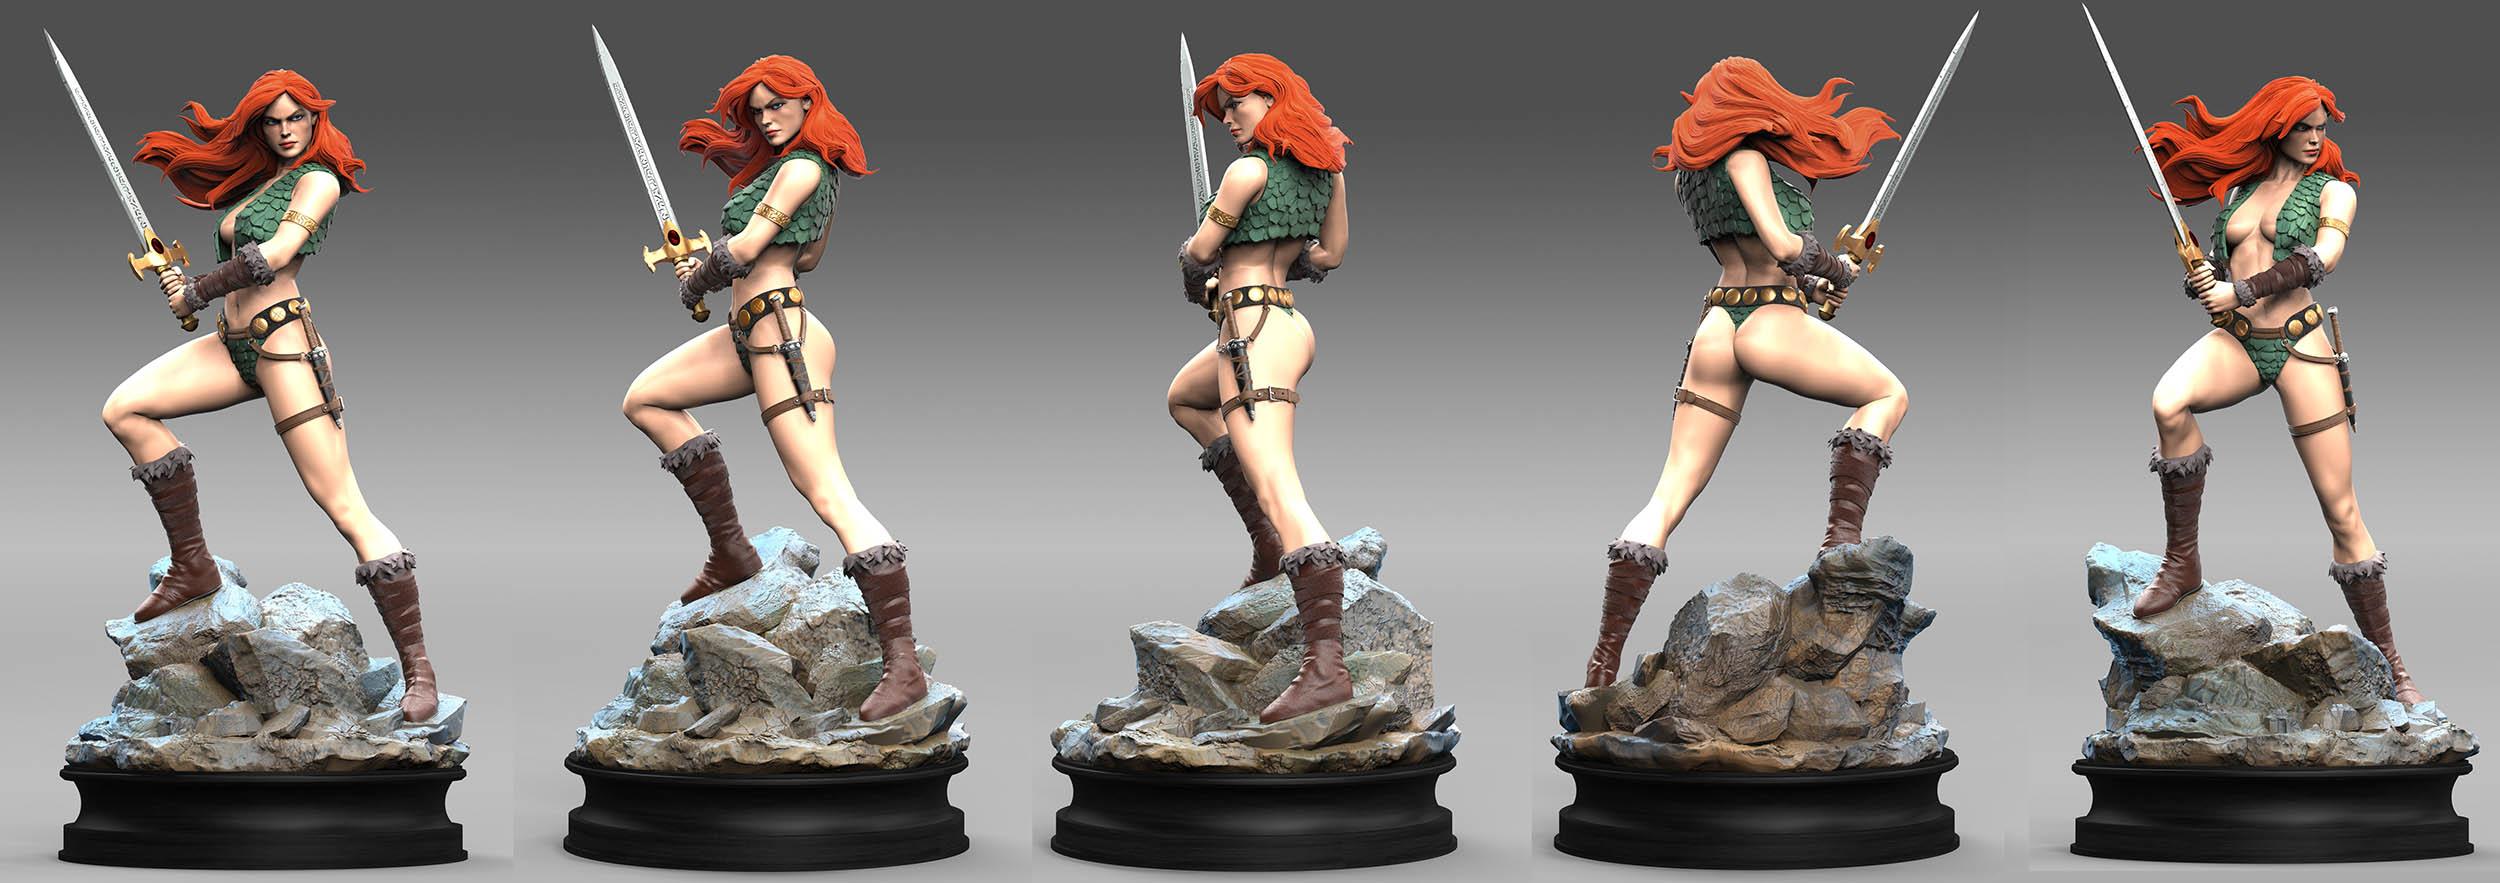 Storm main hero figurine